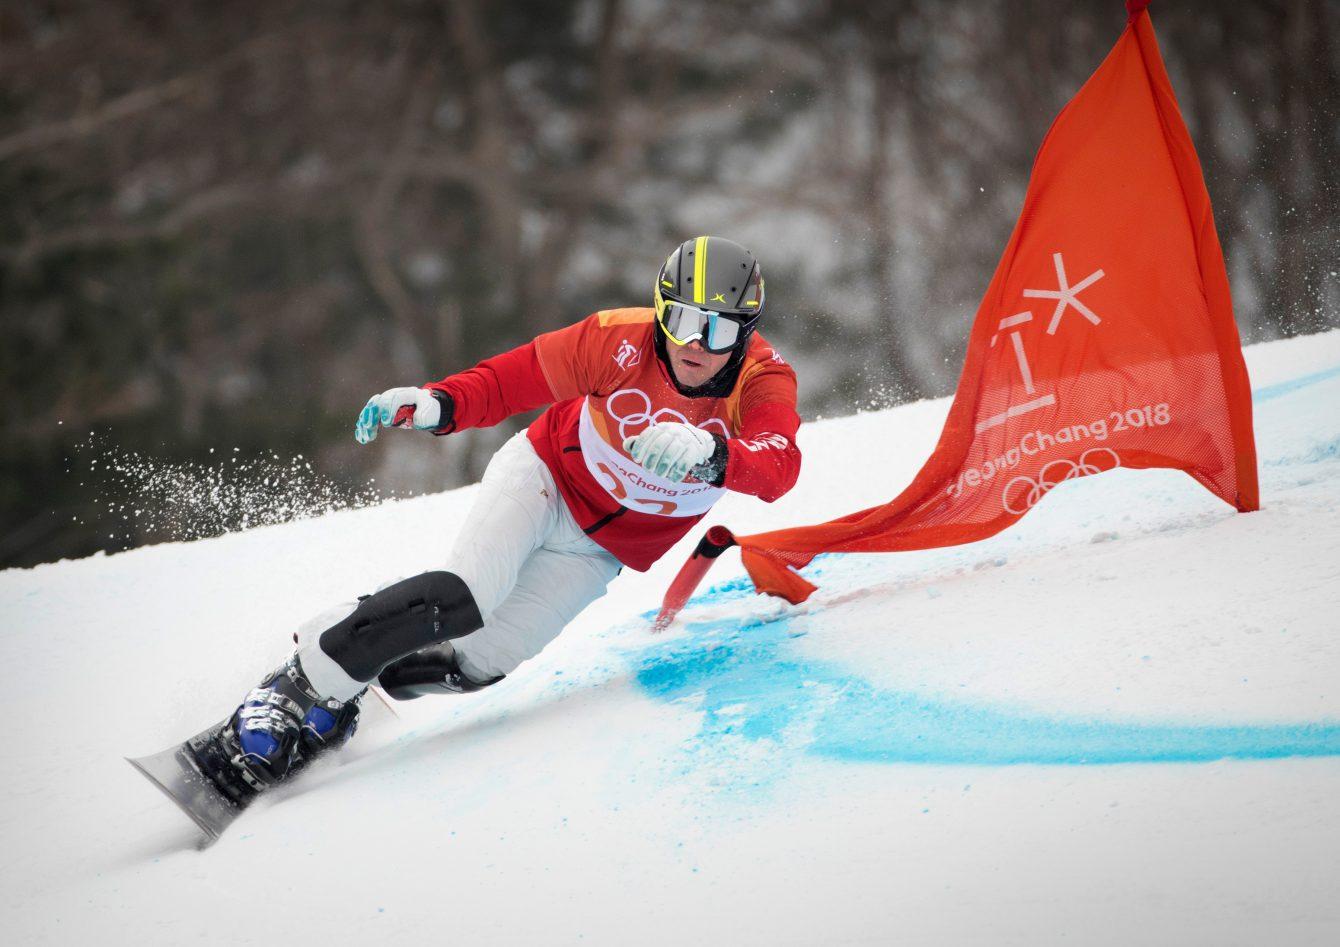 Team Canada Jasey Jay Anderson PyeongChang 2018